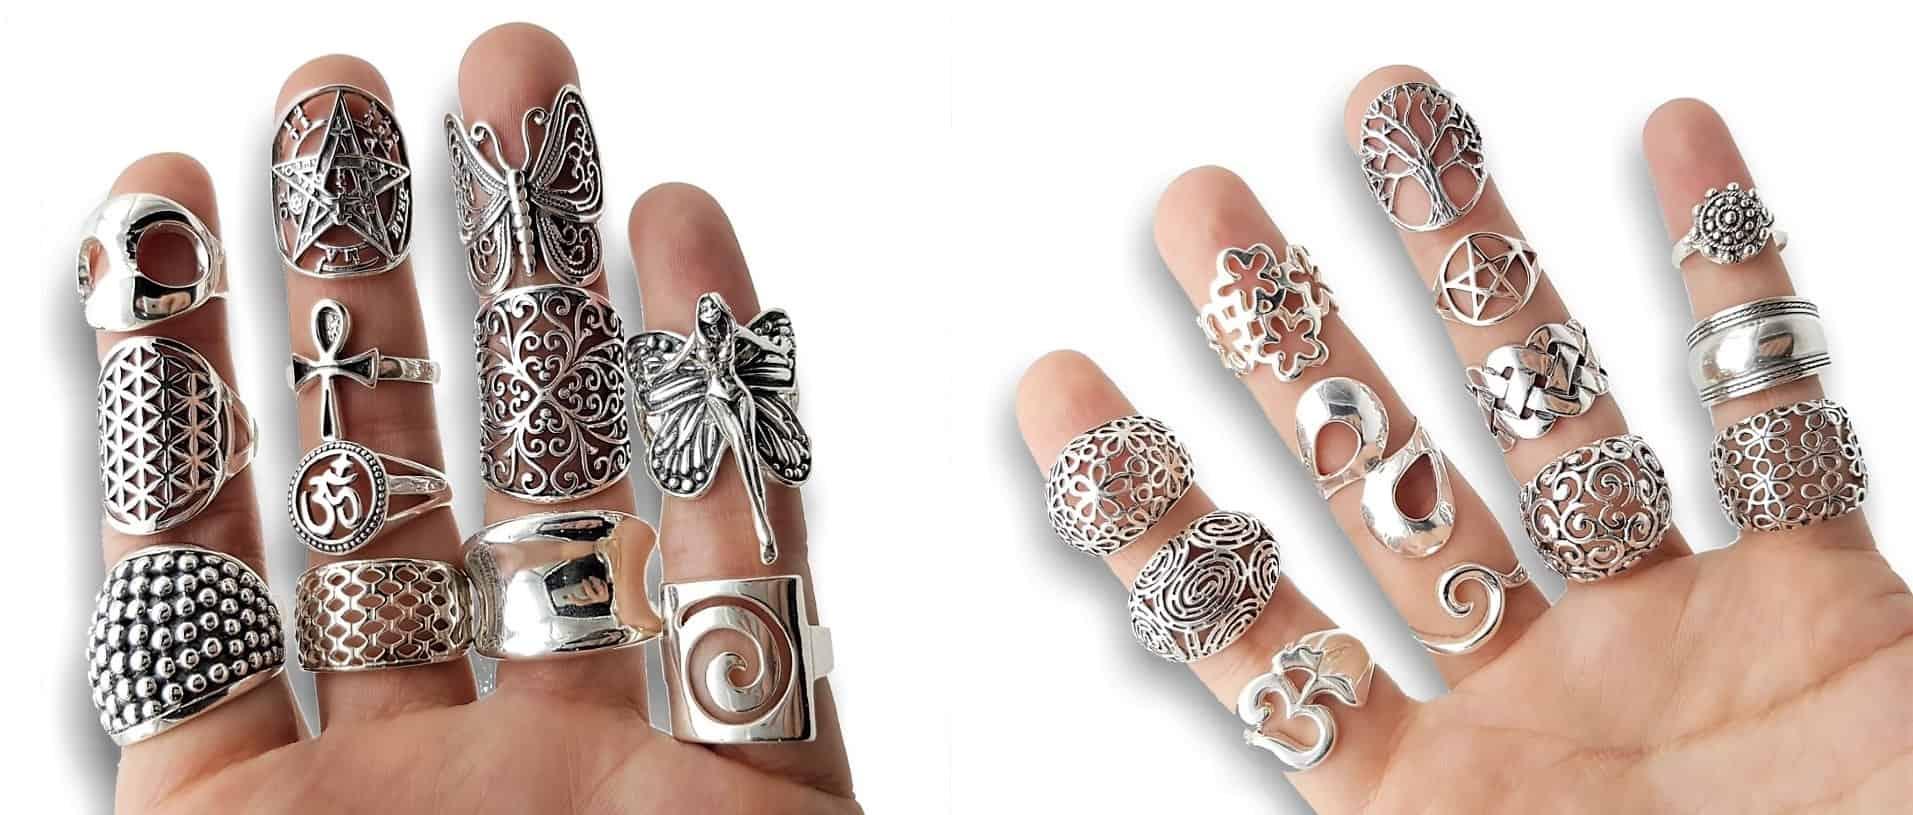 Manos llenas de anillos de plata lisa